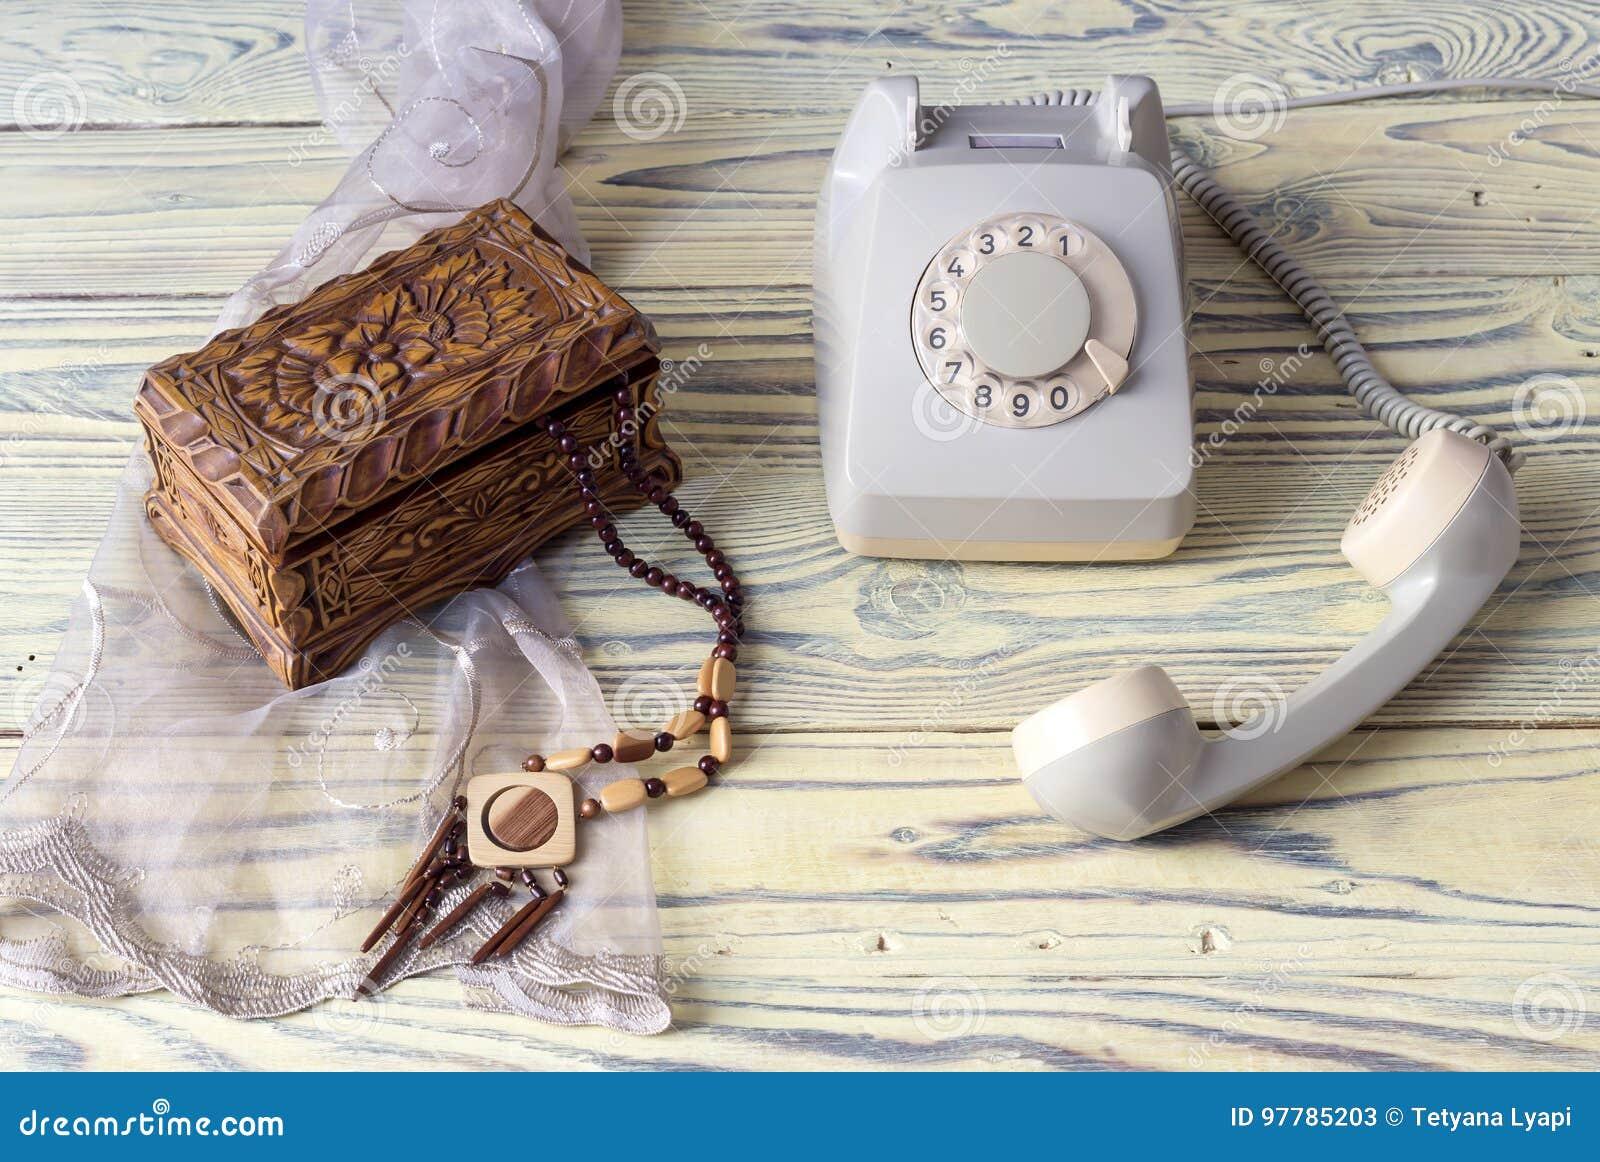 Ein altes Telefon auf einem Holztisch